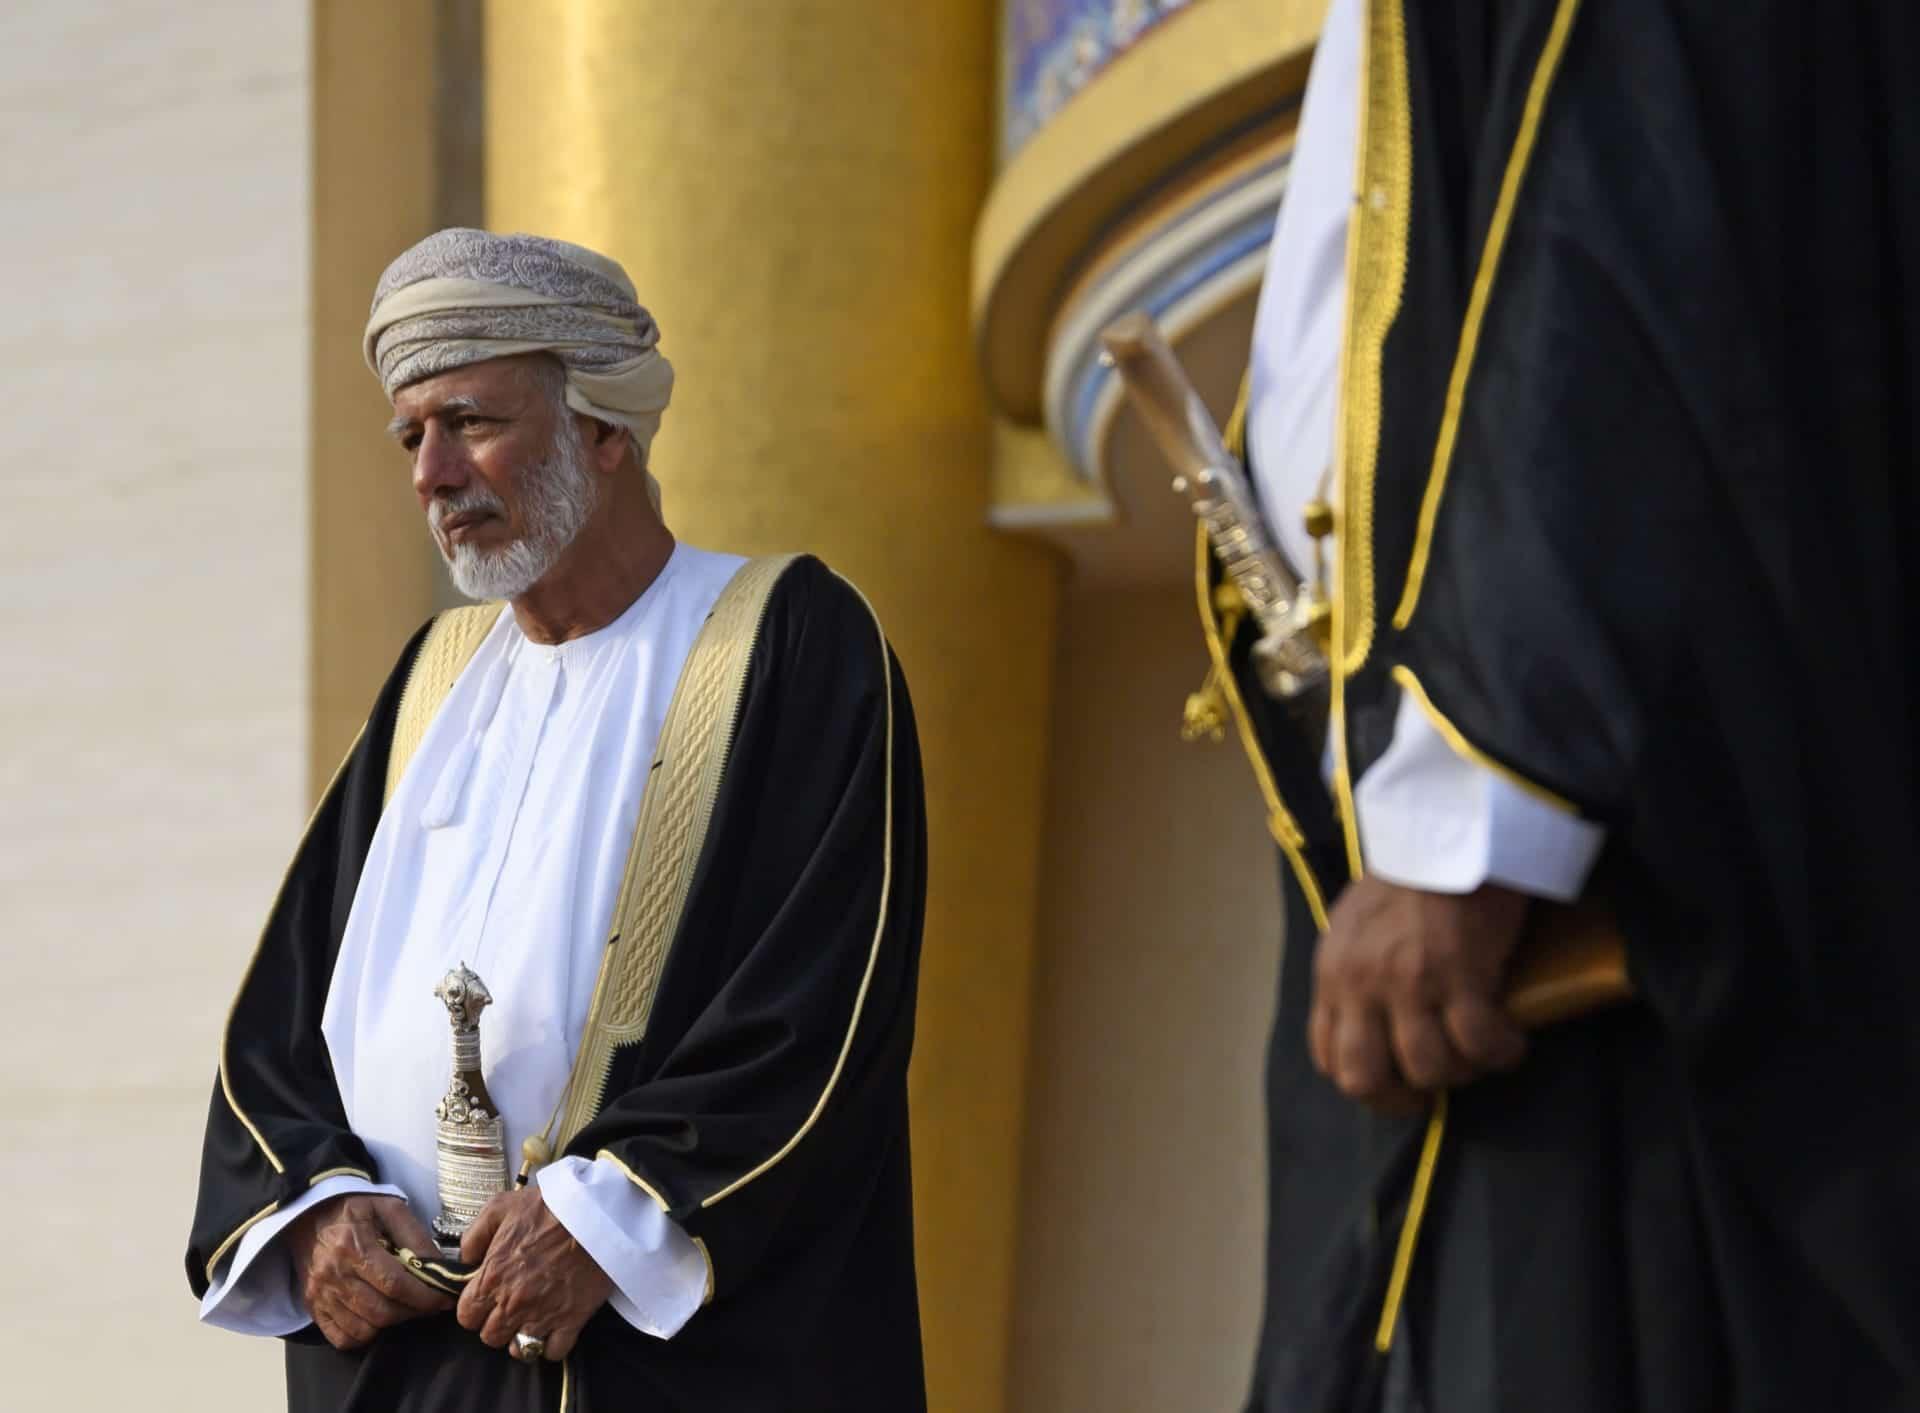 حمد المزروعي يتطاول على يوسف بن علوي بعد أن قلل عبدالخالق عبدالله من مكانته